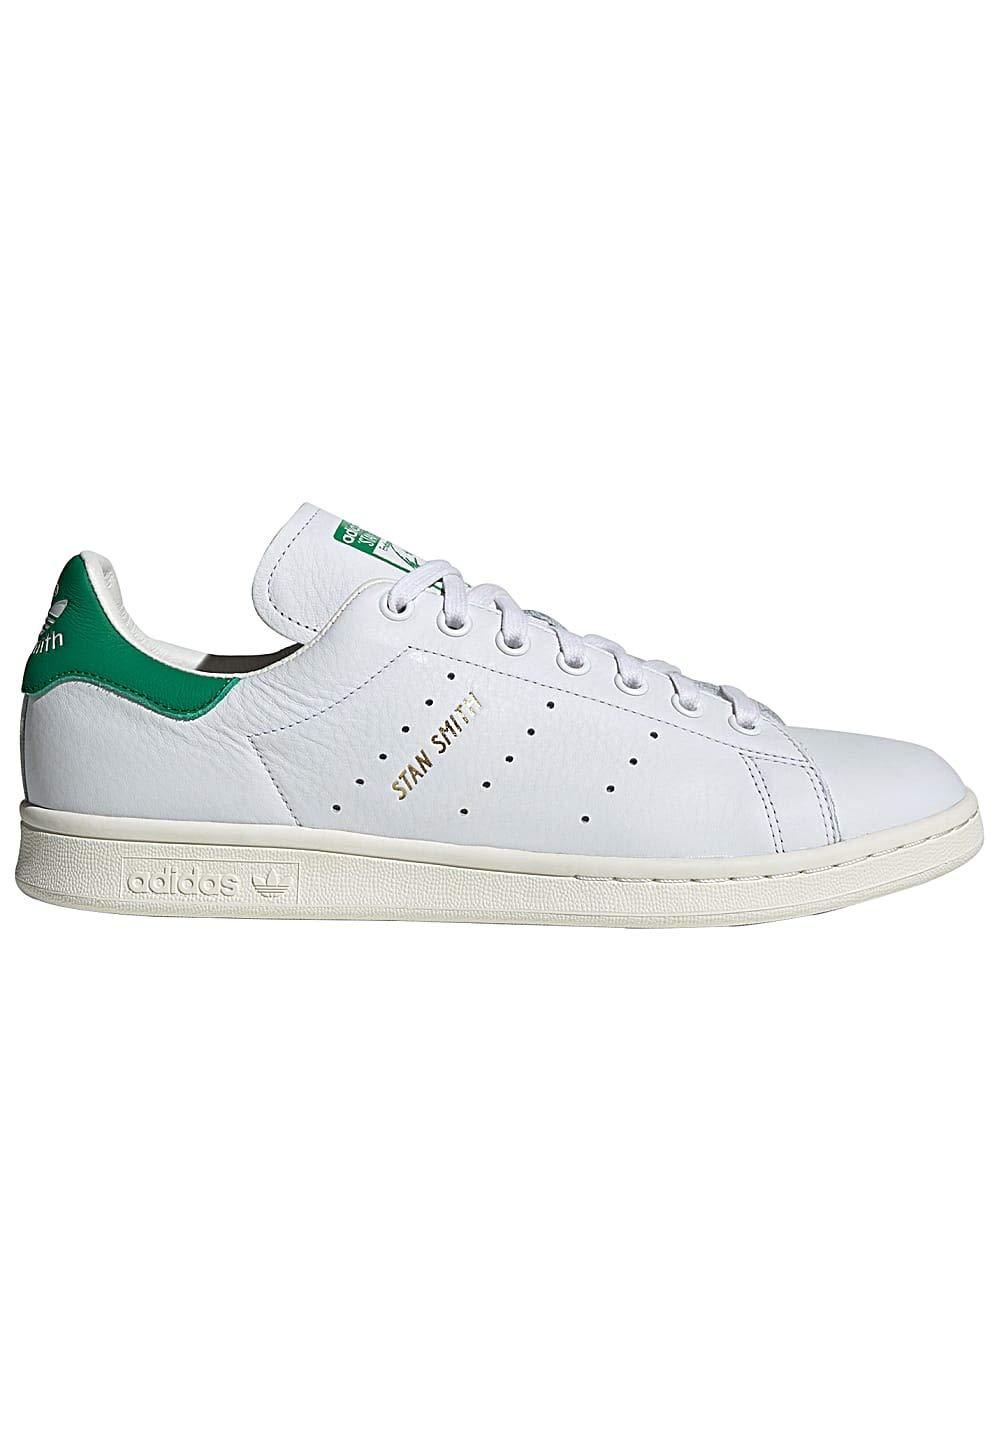 Adidas Stan Smith (weiß gr&uu ;n) - 40 EUR · 6,5 UK